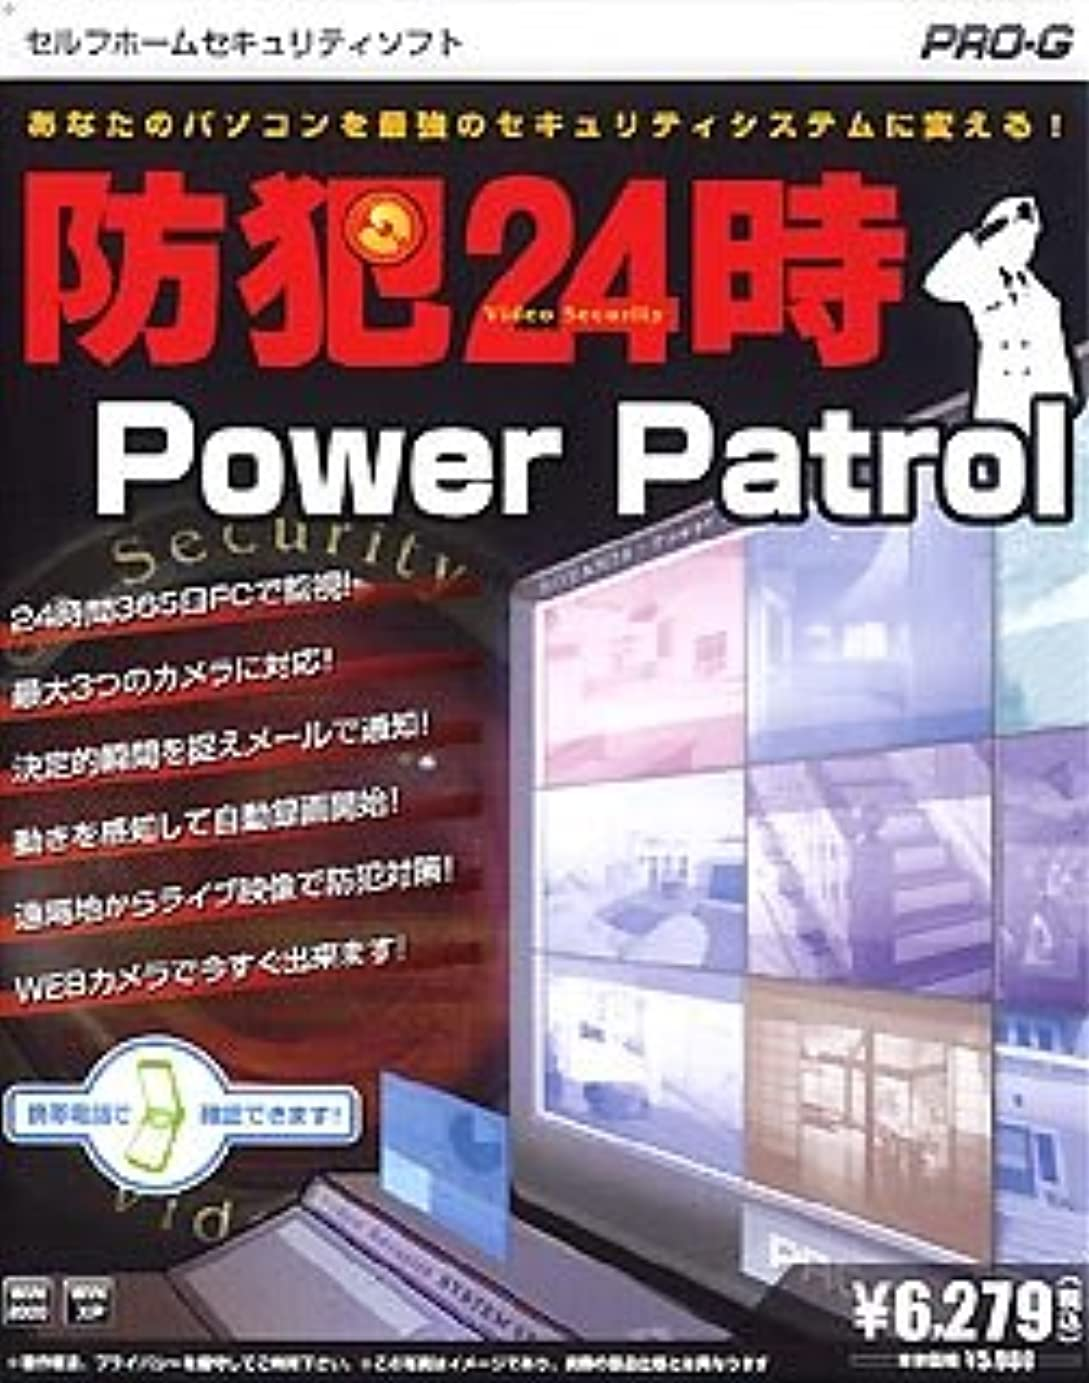 マガジン効率的甘美な防犯24時 PowerPatrol